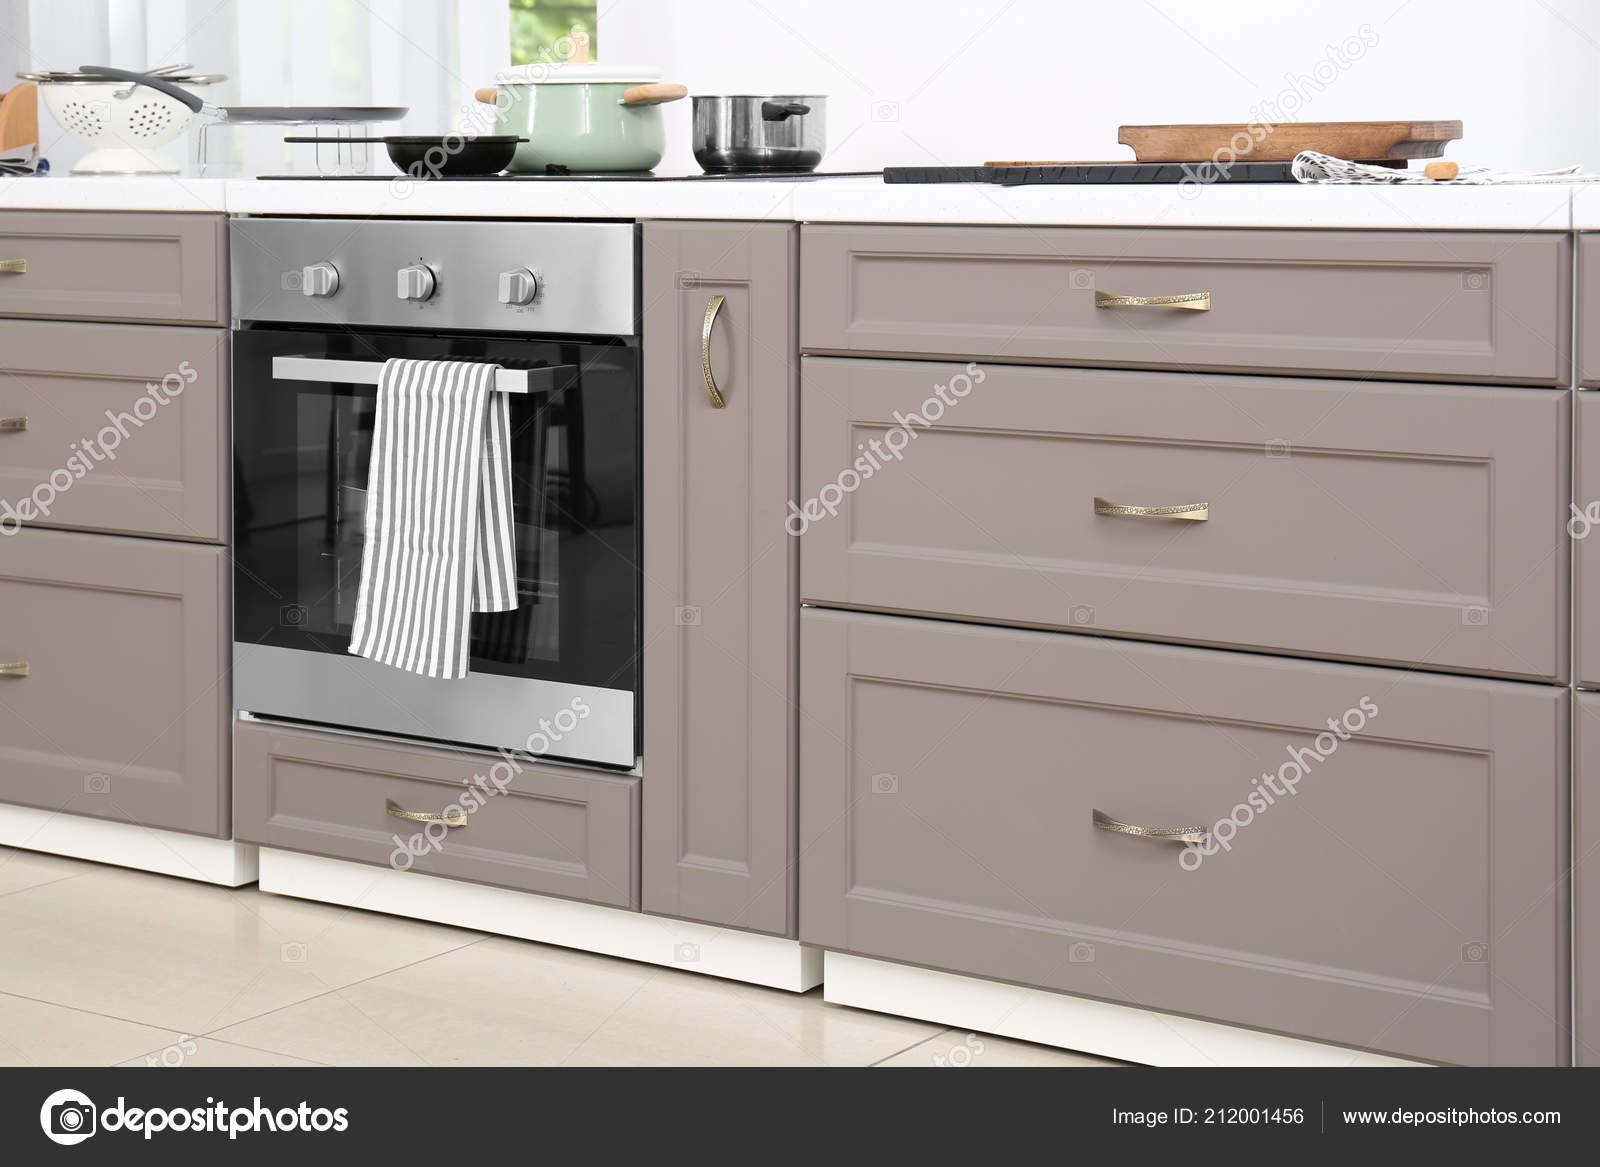 Meubles Cuisine Moderne Avec Plaque Cuisson Électrique ...